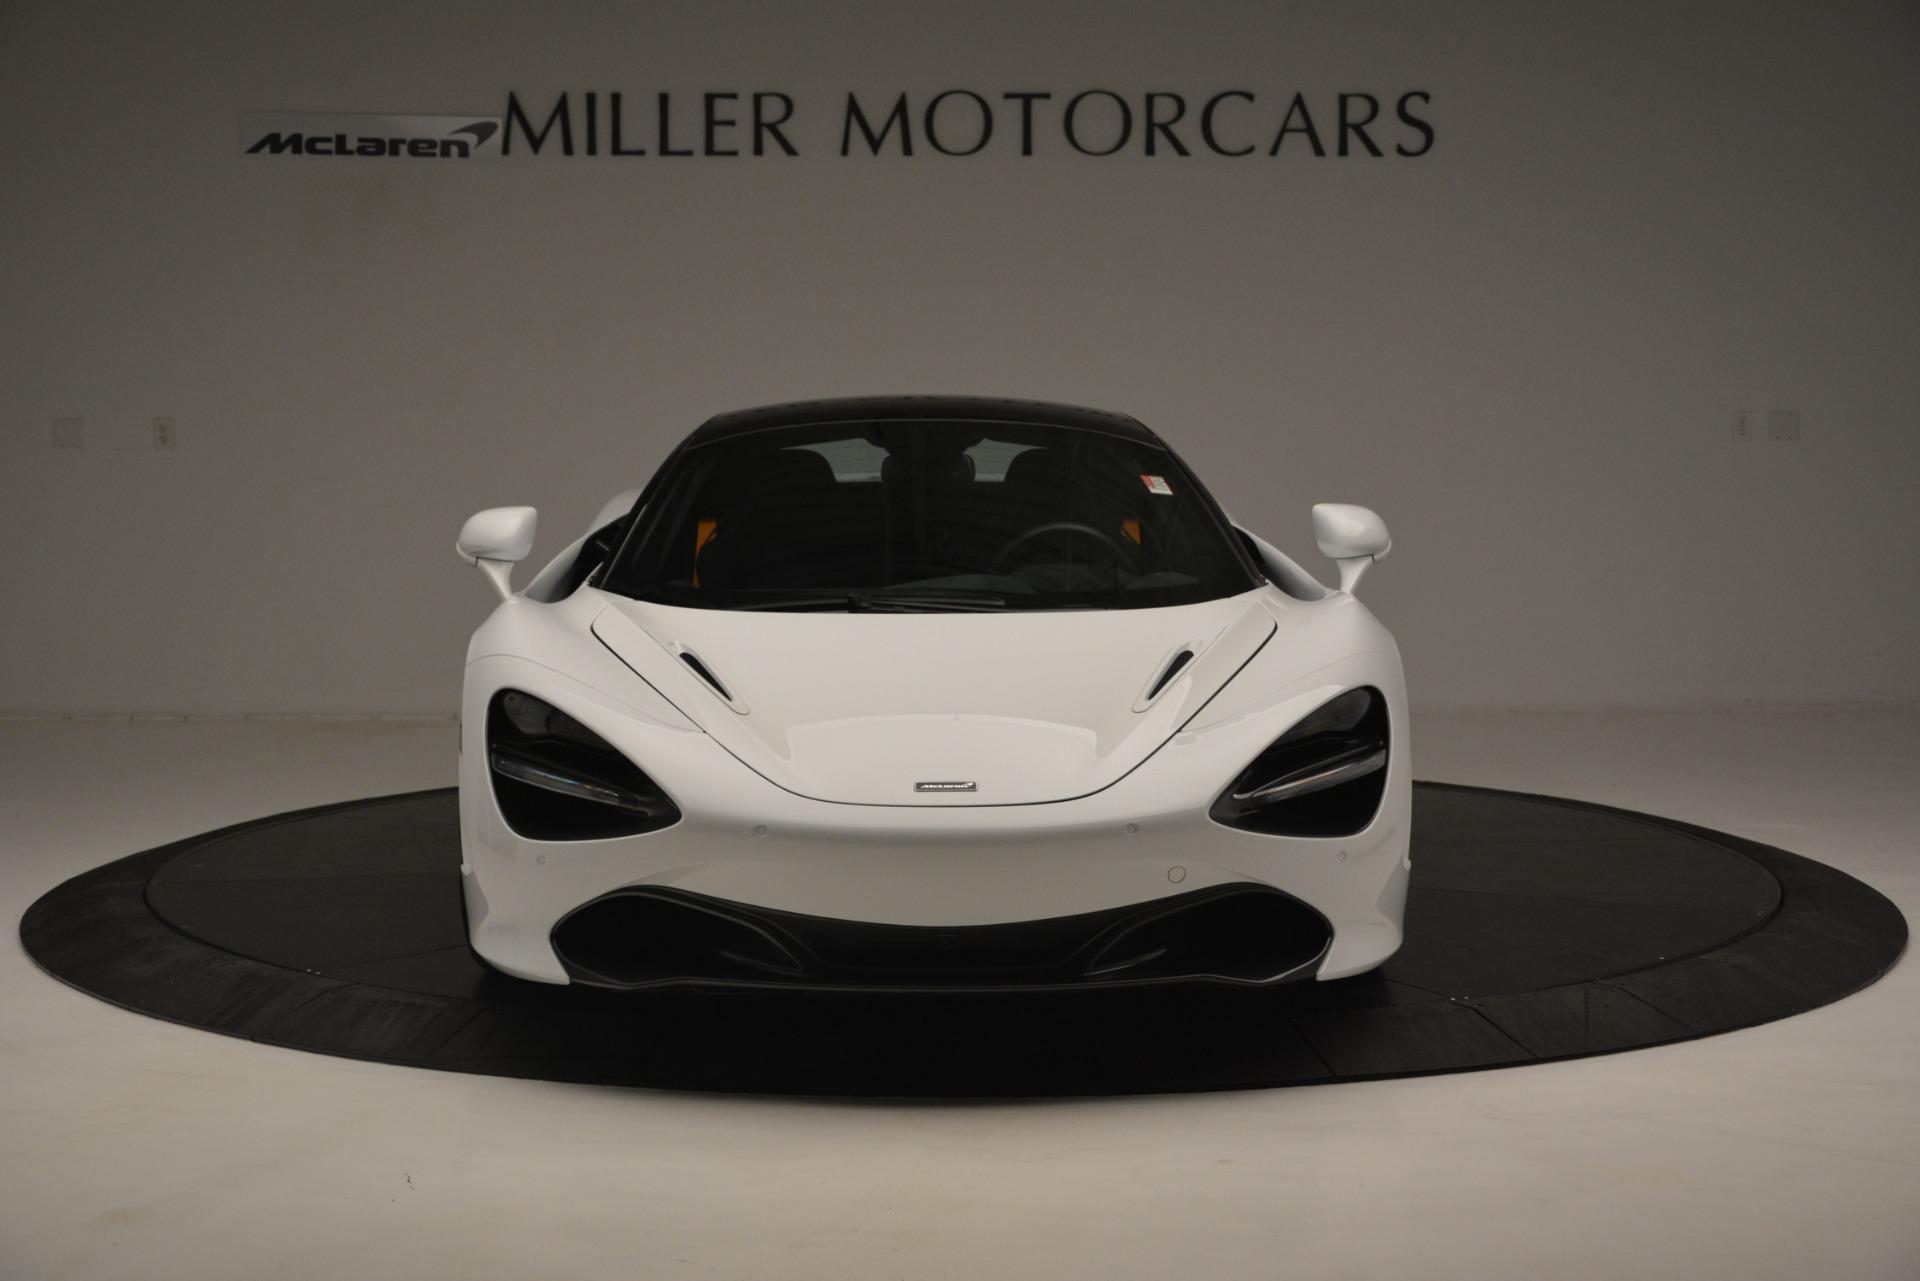 New 2020 McLaren 720S Spider Convertible For Sale In Westport, CT 3229_p9